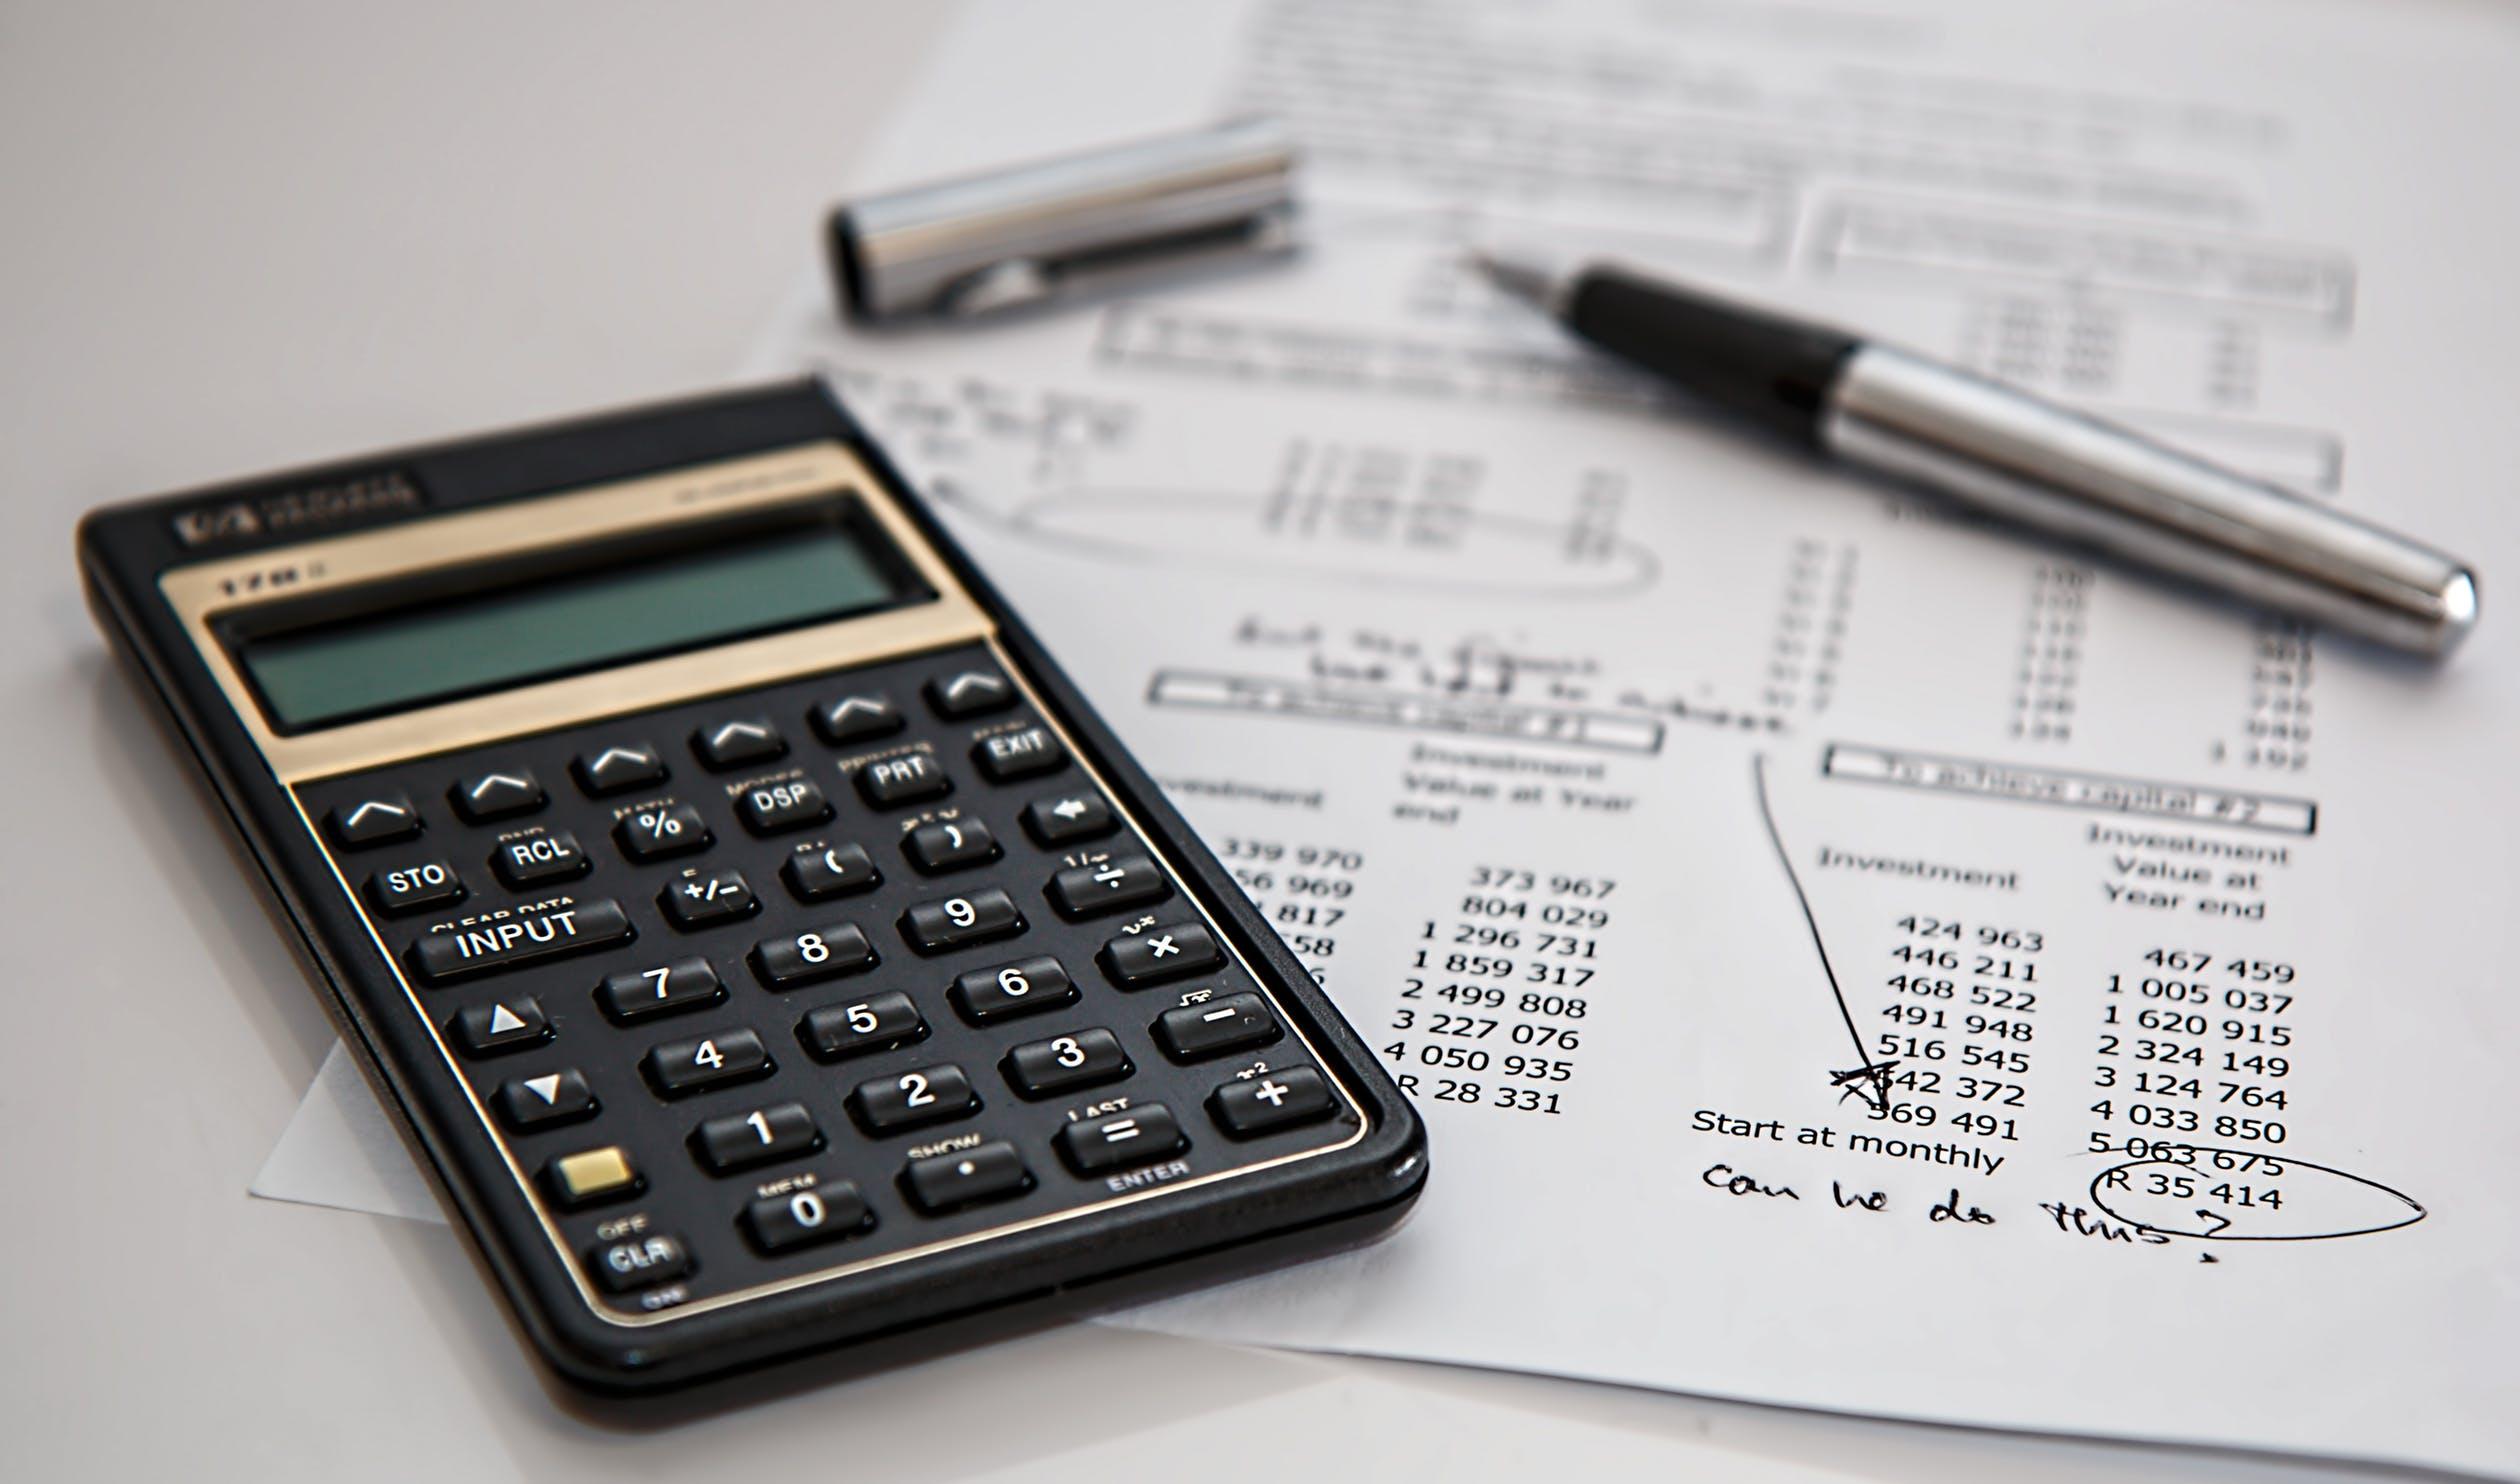 Pengertian Investasi dan Faktor Penting Sebelum Melakukannya